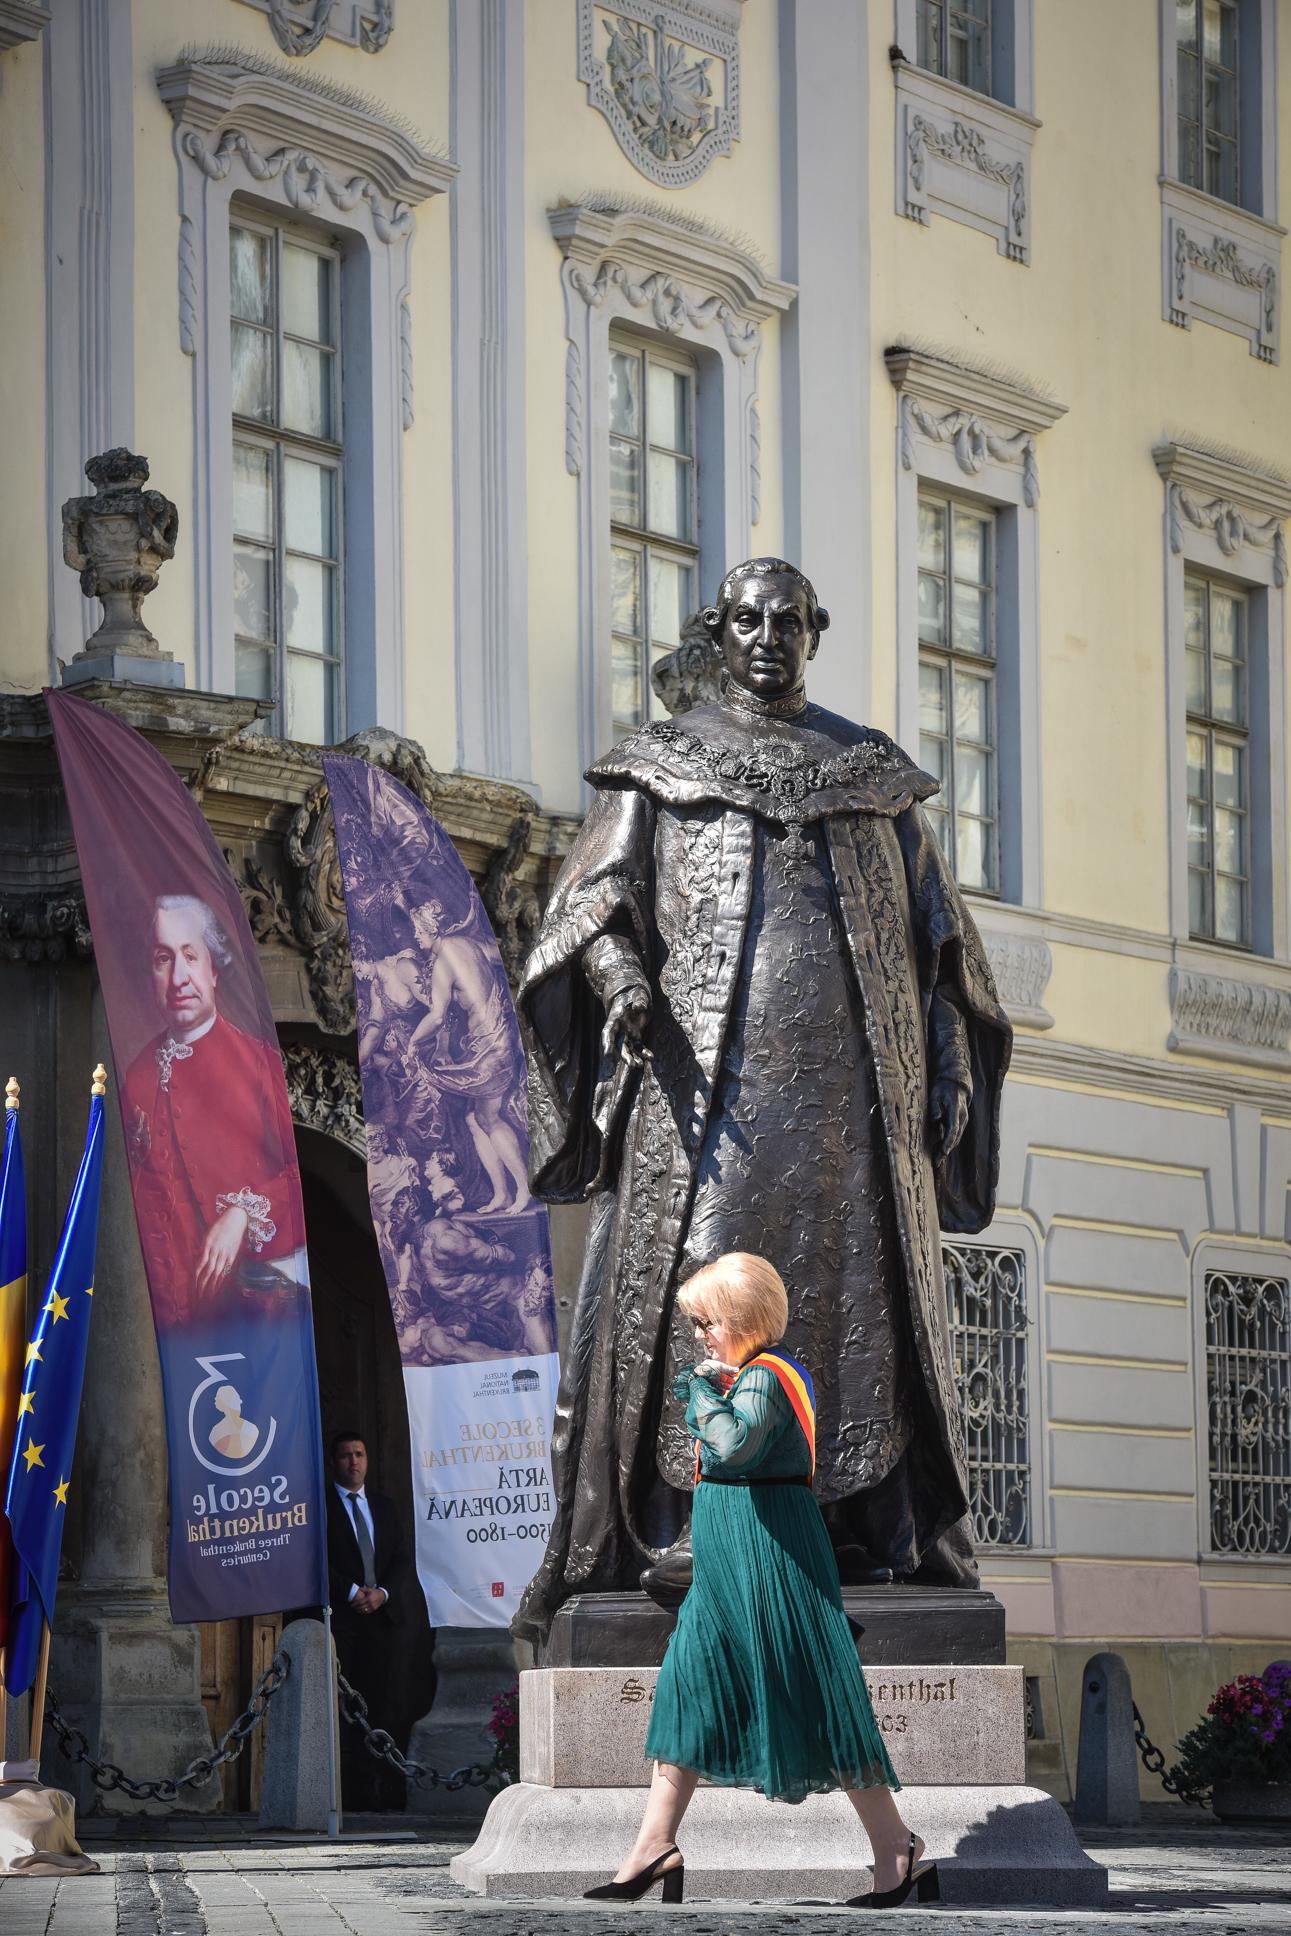 Statuia lui Brukenthal, în legalitate pe ultima sută de metri. A primit certificatul de urbanism în 9 septembrie, iar autorizația de construcție în 10. A fost dezvelită de președintele Iohannis în 11 septembrie